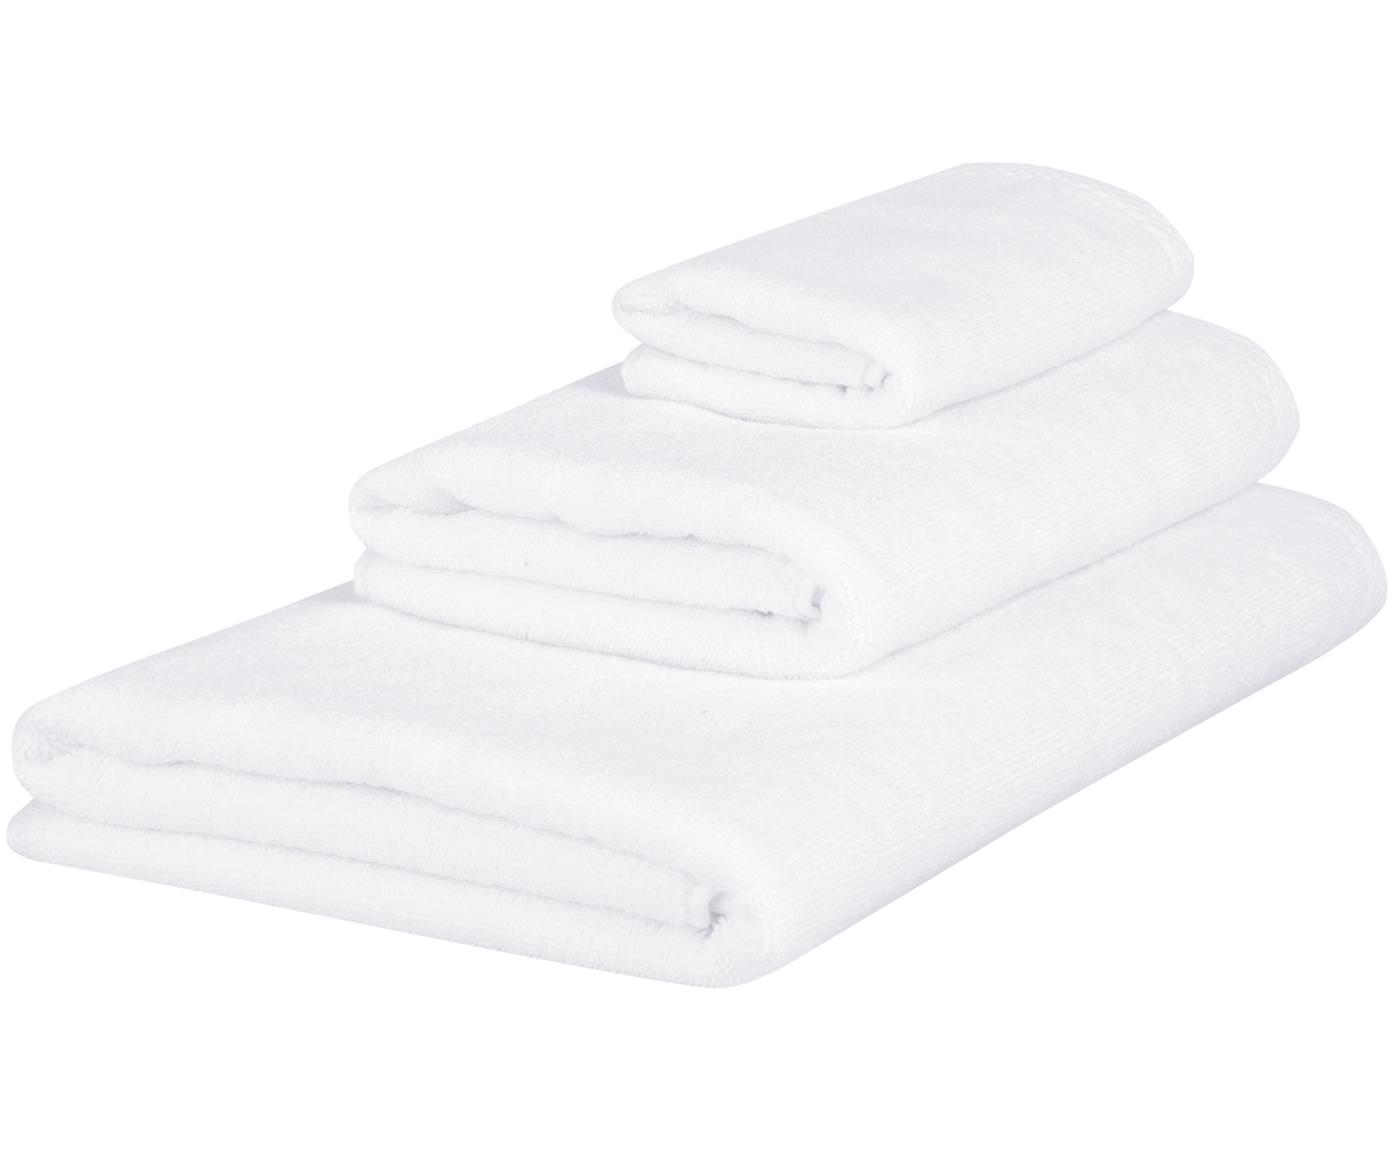 Handdoekenset Comfort, 3-delig, 100% katoen, middelzware kwaliteit, 450 g/m², Wit, Verschillende formaten